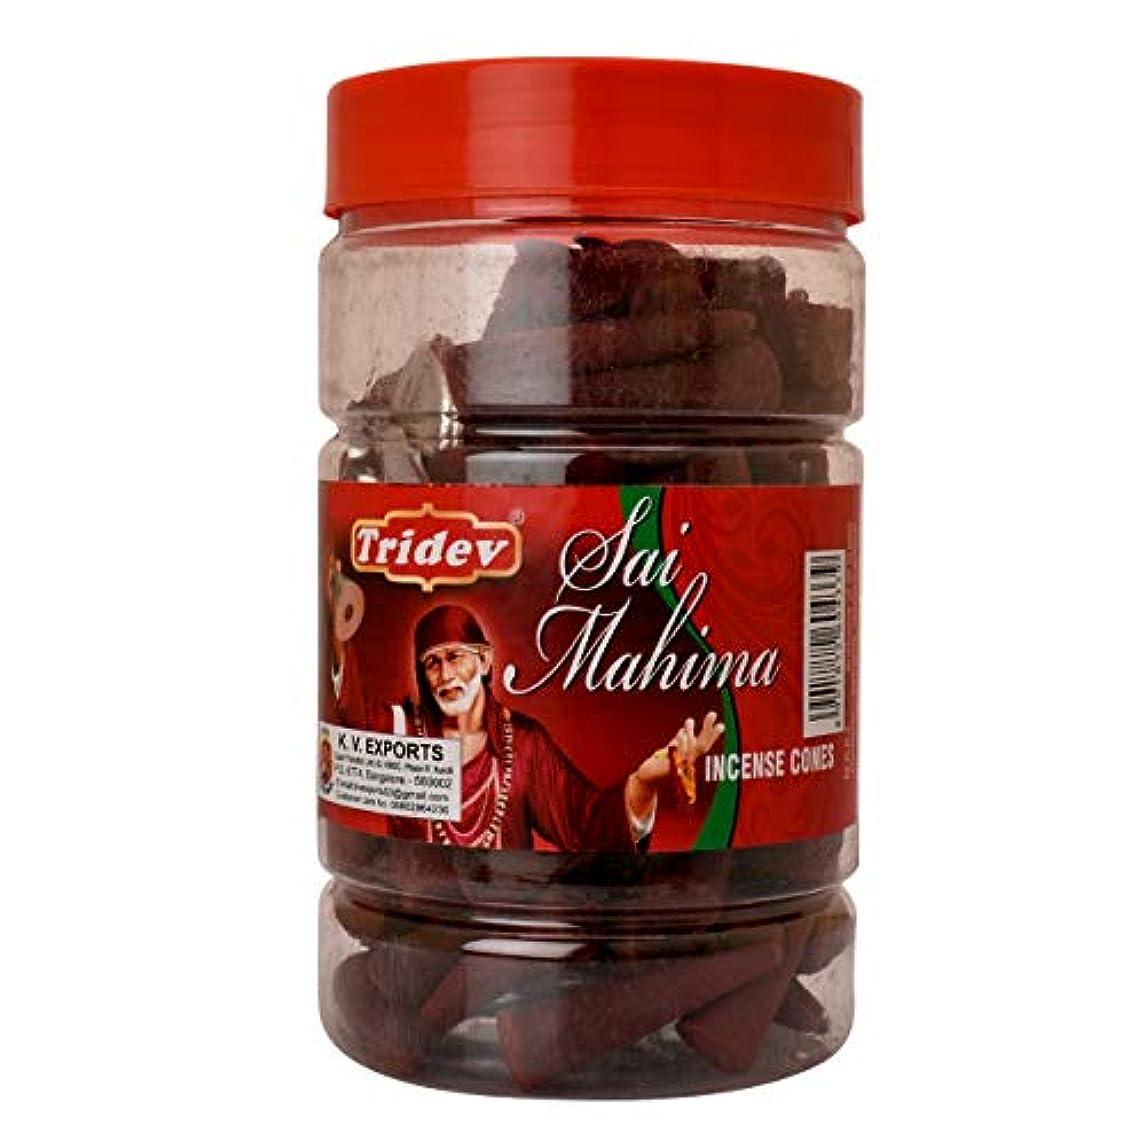 鯨彼自身恵みTridev Sai Mahima フレグランス コーン型お香瓶 1350グラム ボックス入り | 6瓶 225グラム 箱入り | 輸出品質